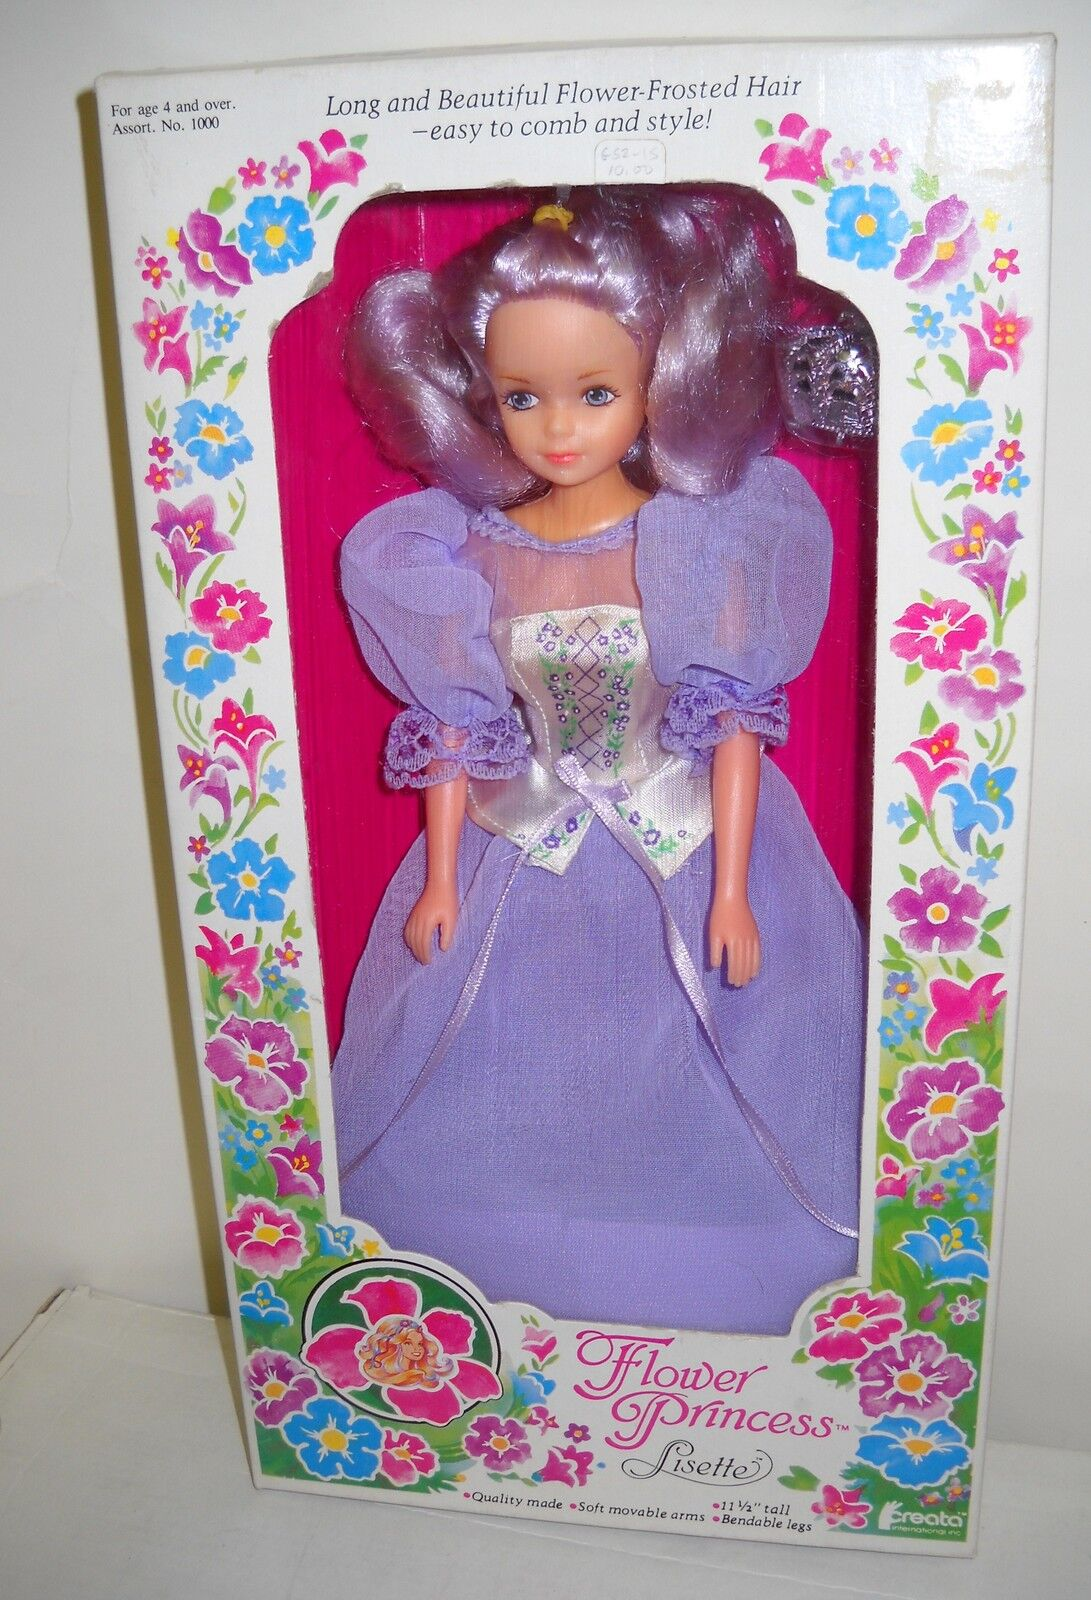 Flor De Caja Vintage CREATA Princesa Lisette 11 1 2  Muñeca De Moda